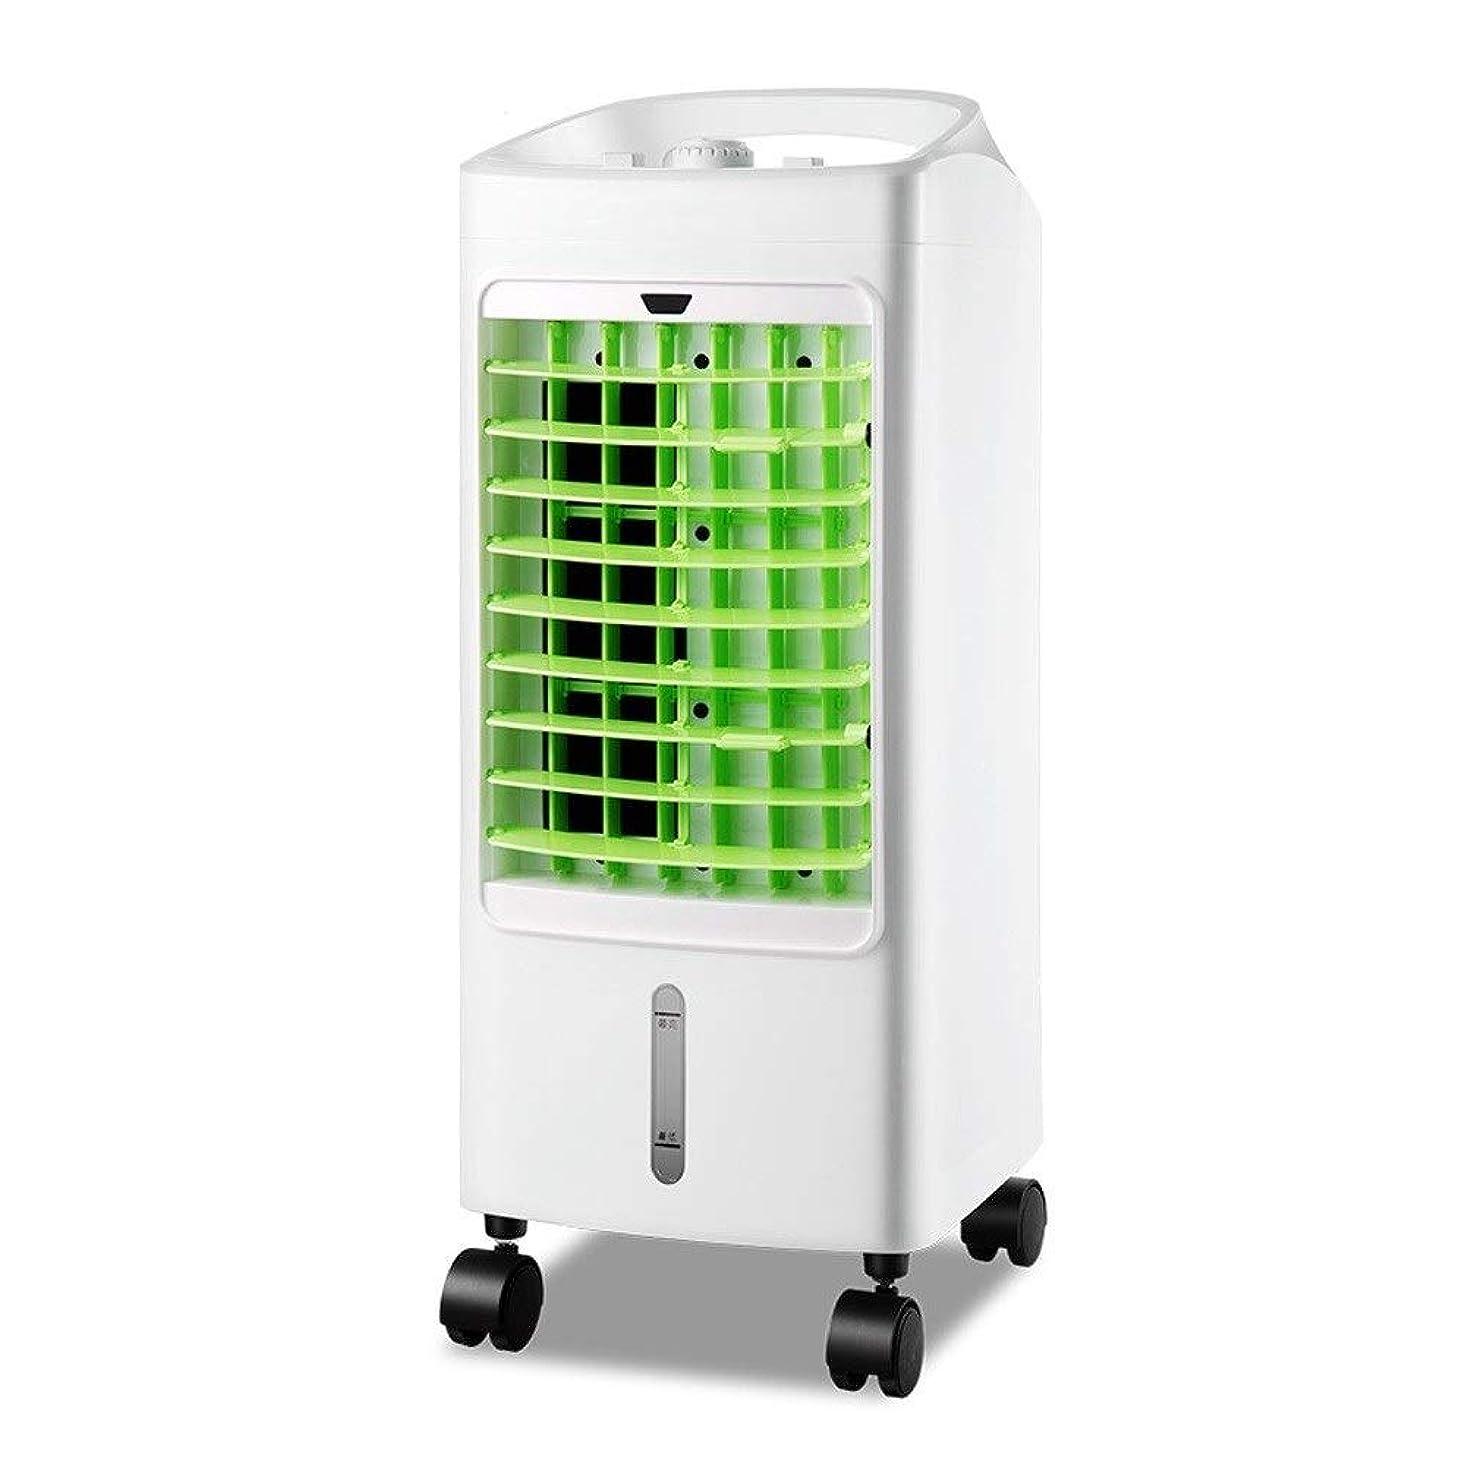 抗議確認してください調整可能LPD-冷風機 機械的に制御された単一の冷却された空気クーラーの携帯用蒸発冷却の冷たい空気加湿空気浄化